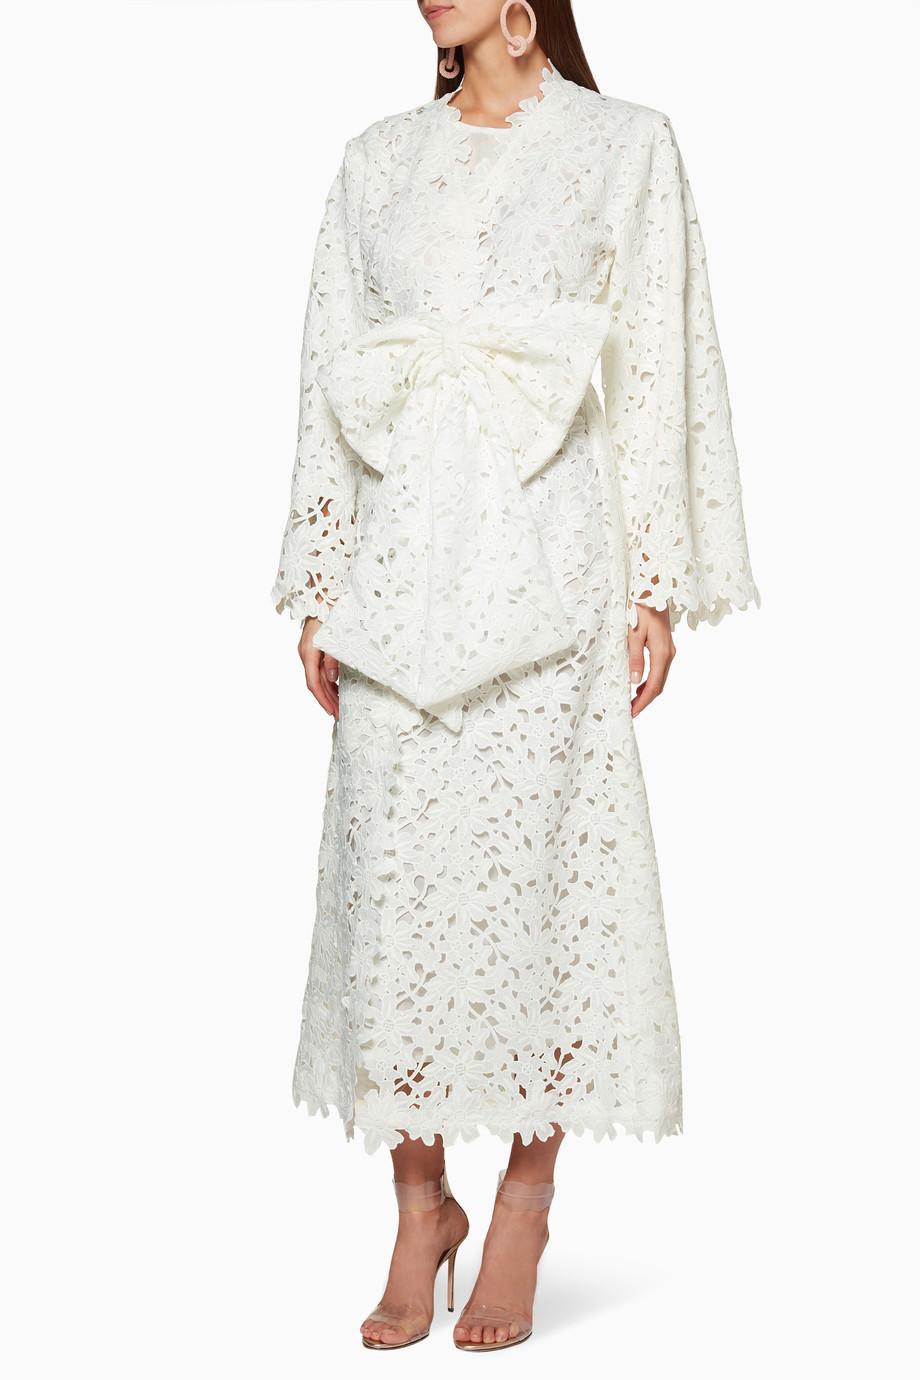 3d7c8173d تسوق قفطان كروشيه أبيض Bambah Boutique ابيض للنساء | اُناس الامارات